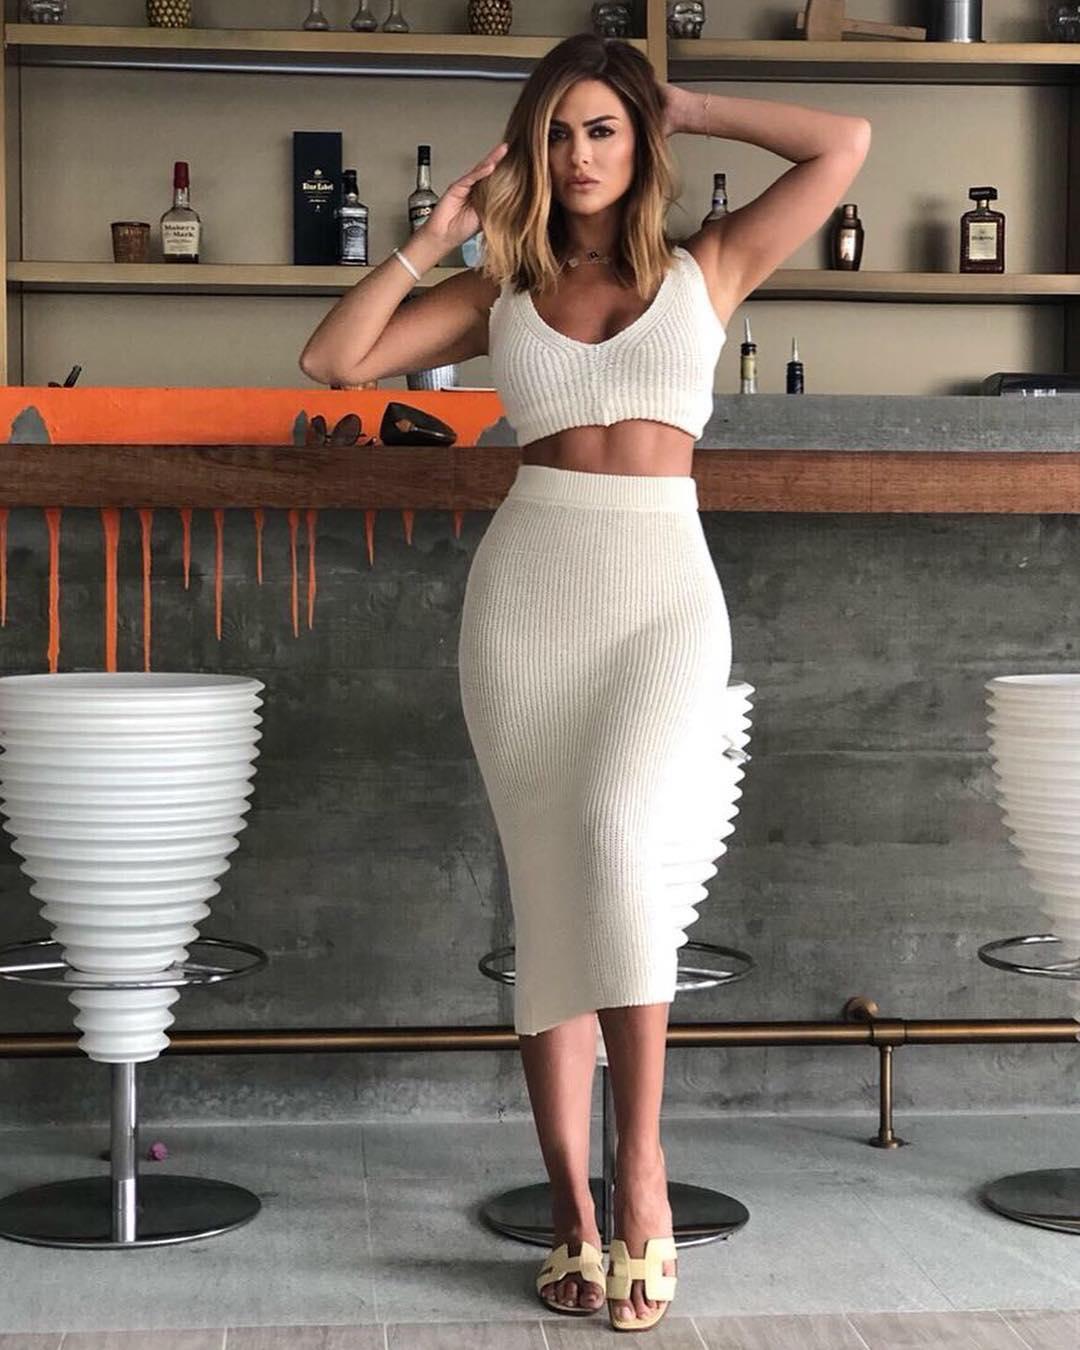 Carla-Di-Bello-Wallpapers-Insta-Fit-Bio-7